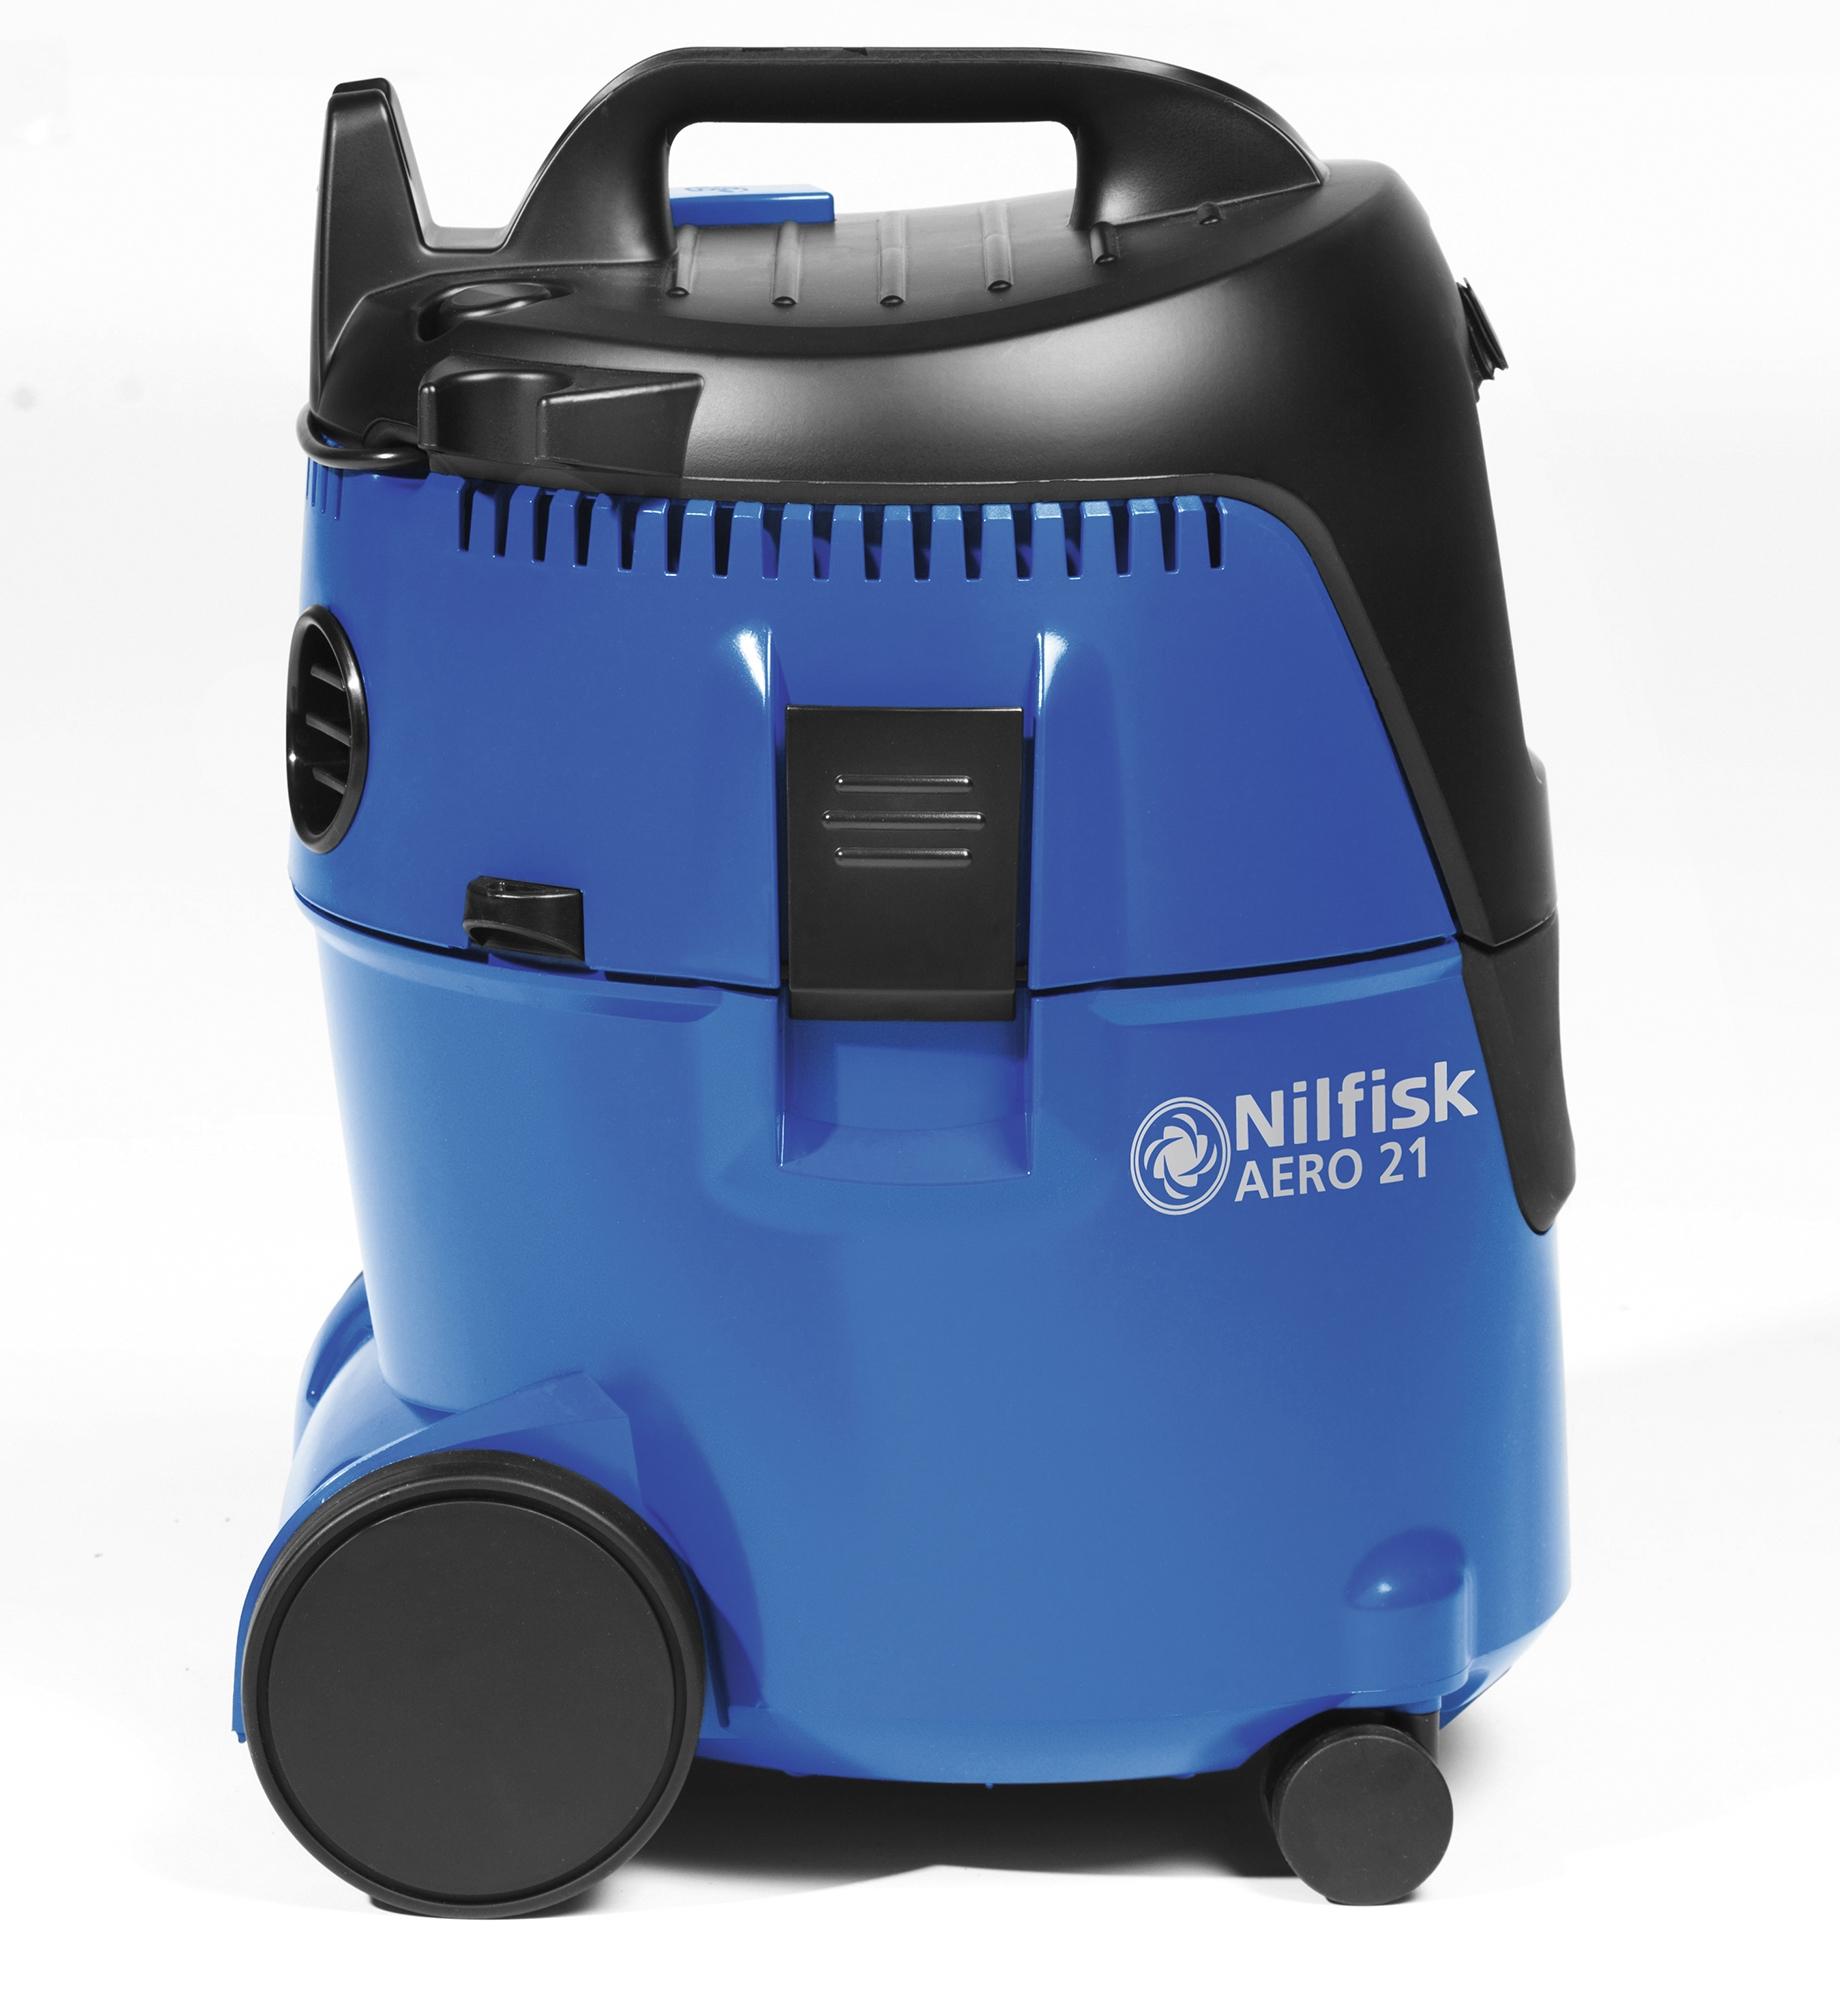 aspirateur eau et poussi res nilfisk alto aero 21 01 pc 20 l. Black Bedroom Furniture Sets. Home Design Ideas